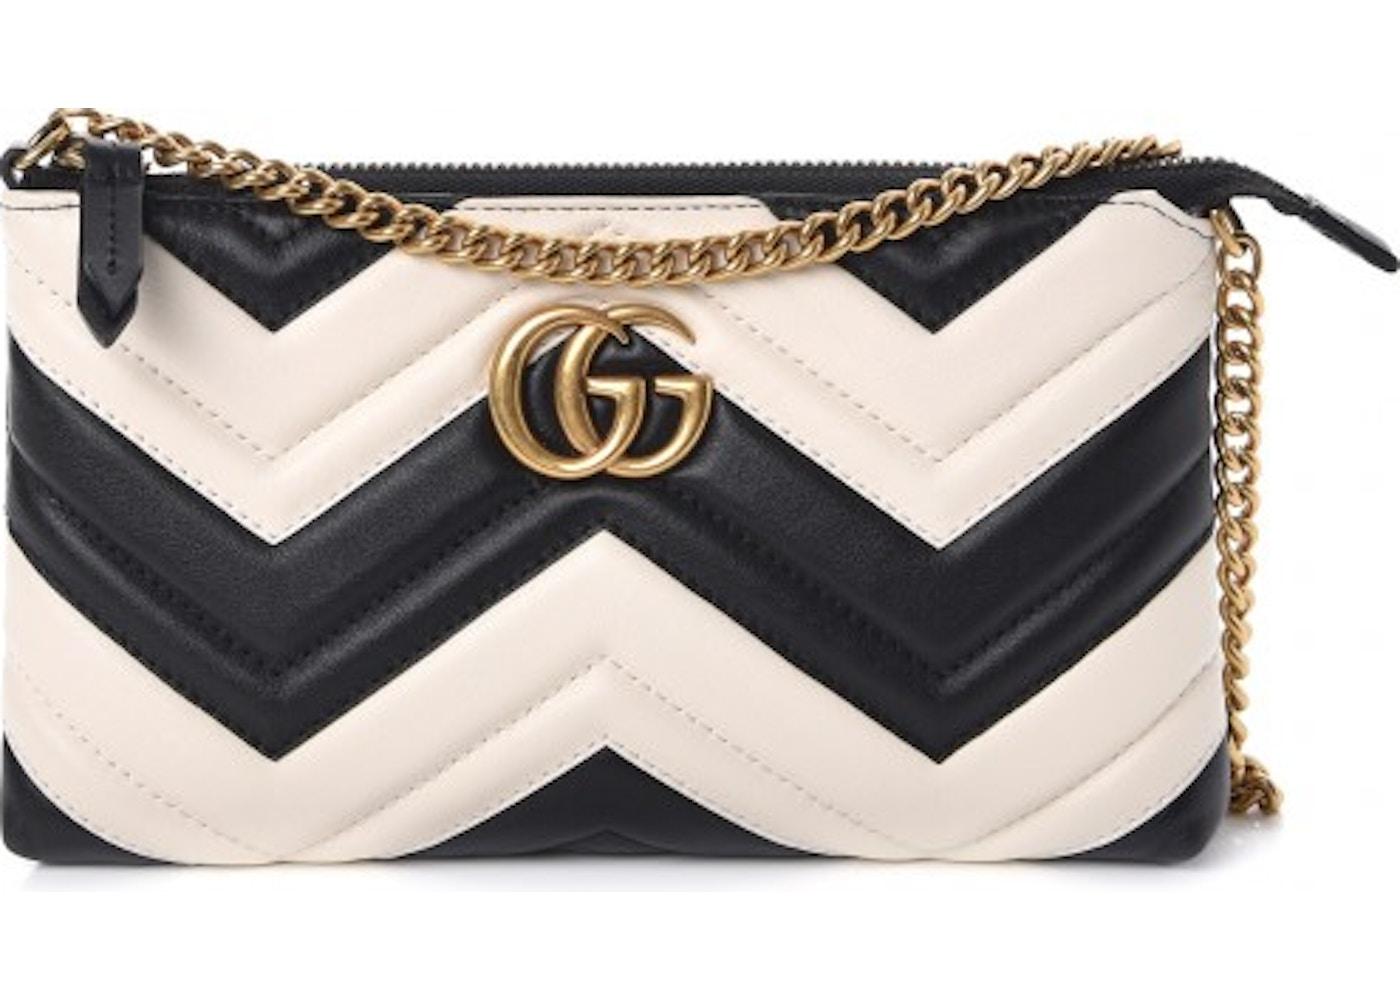 64af52fb0 Gucci Chain Bag Marmont Matelasse Mini Black/White. Matelasse Mini Black/ White